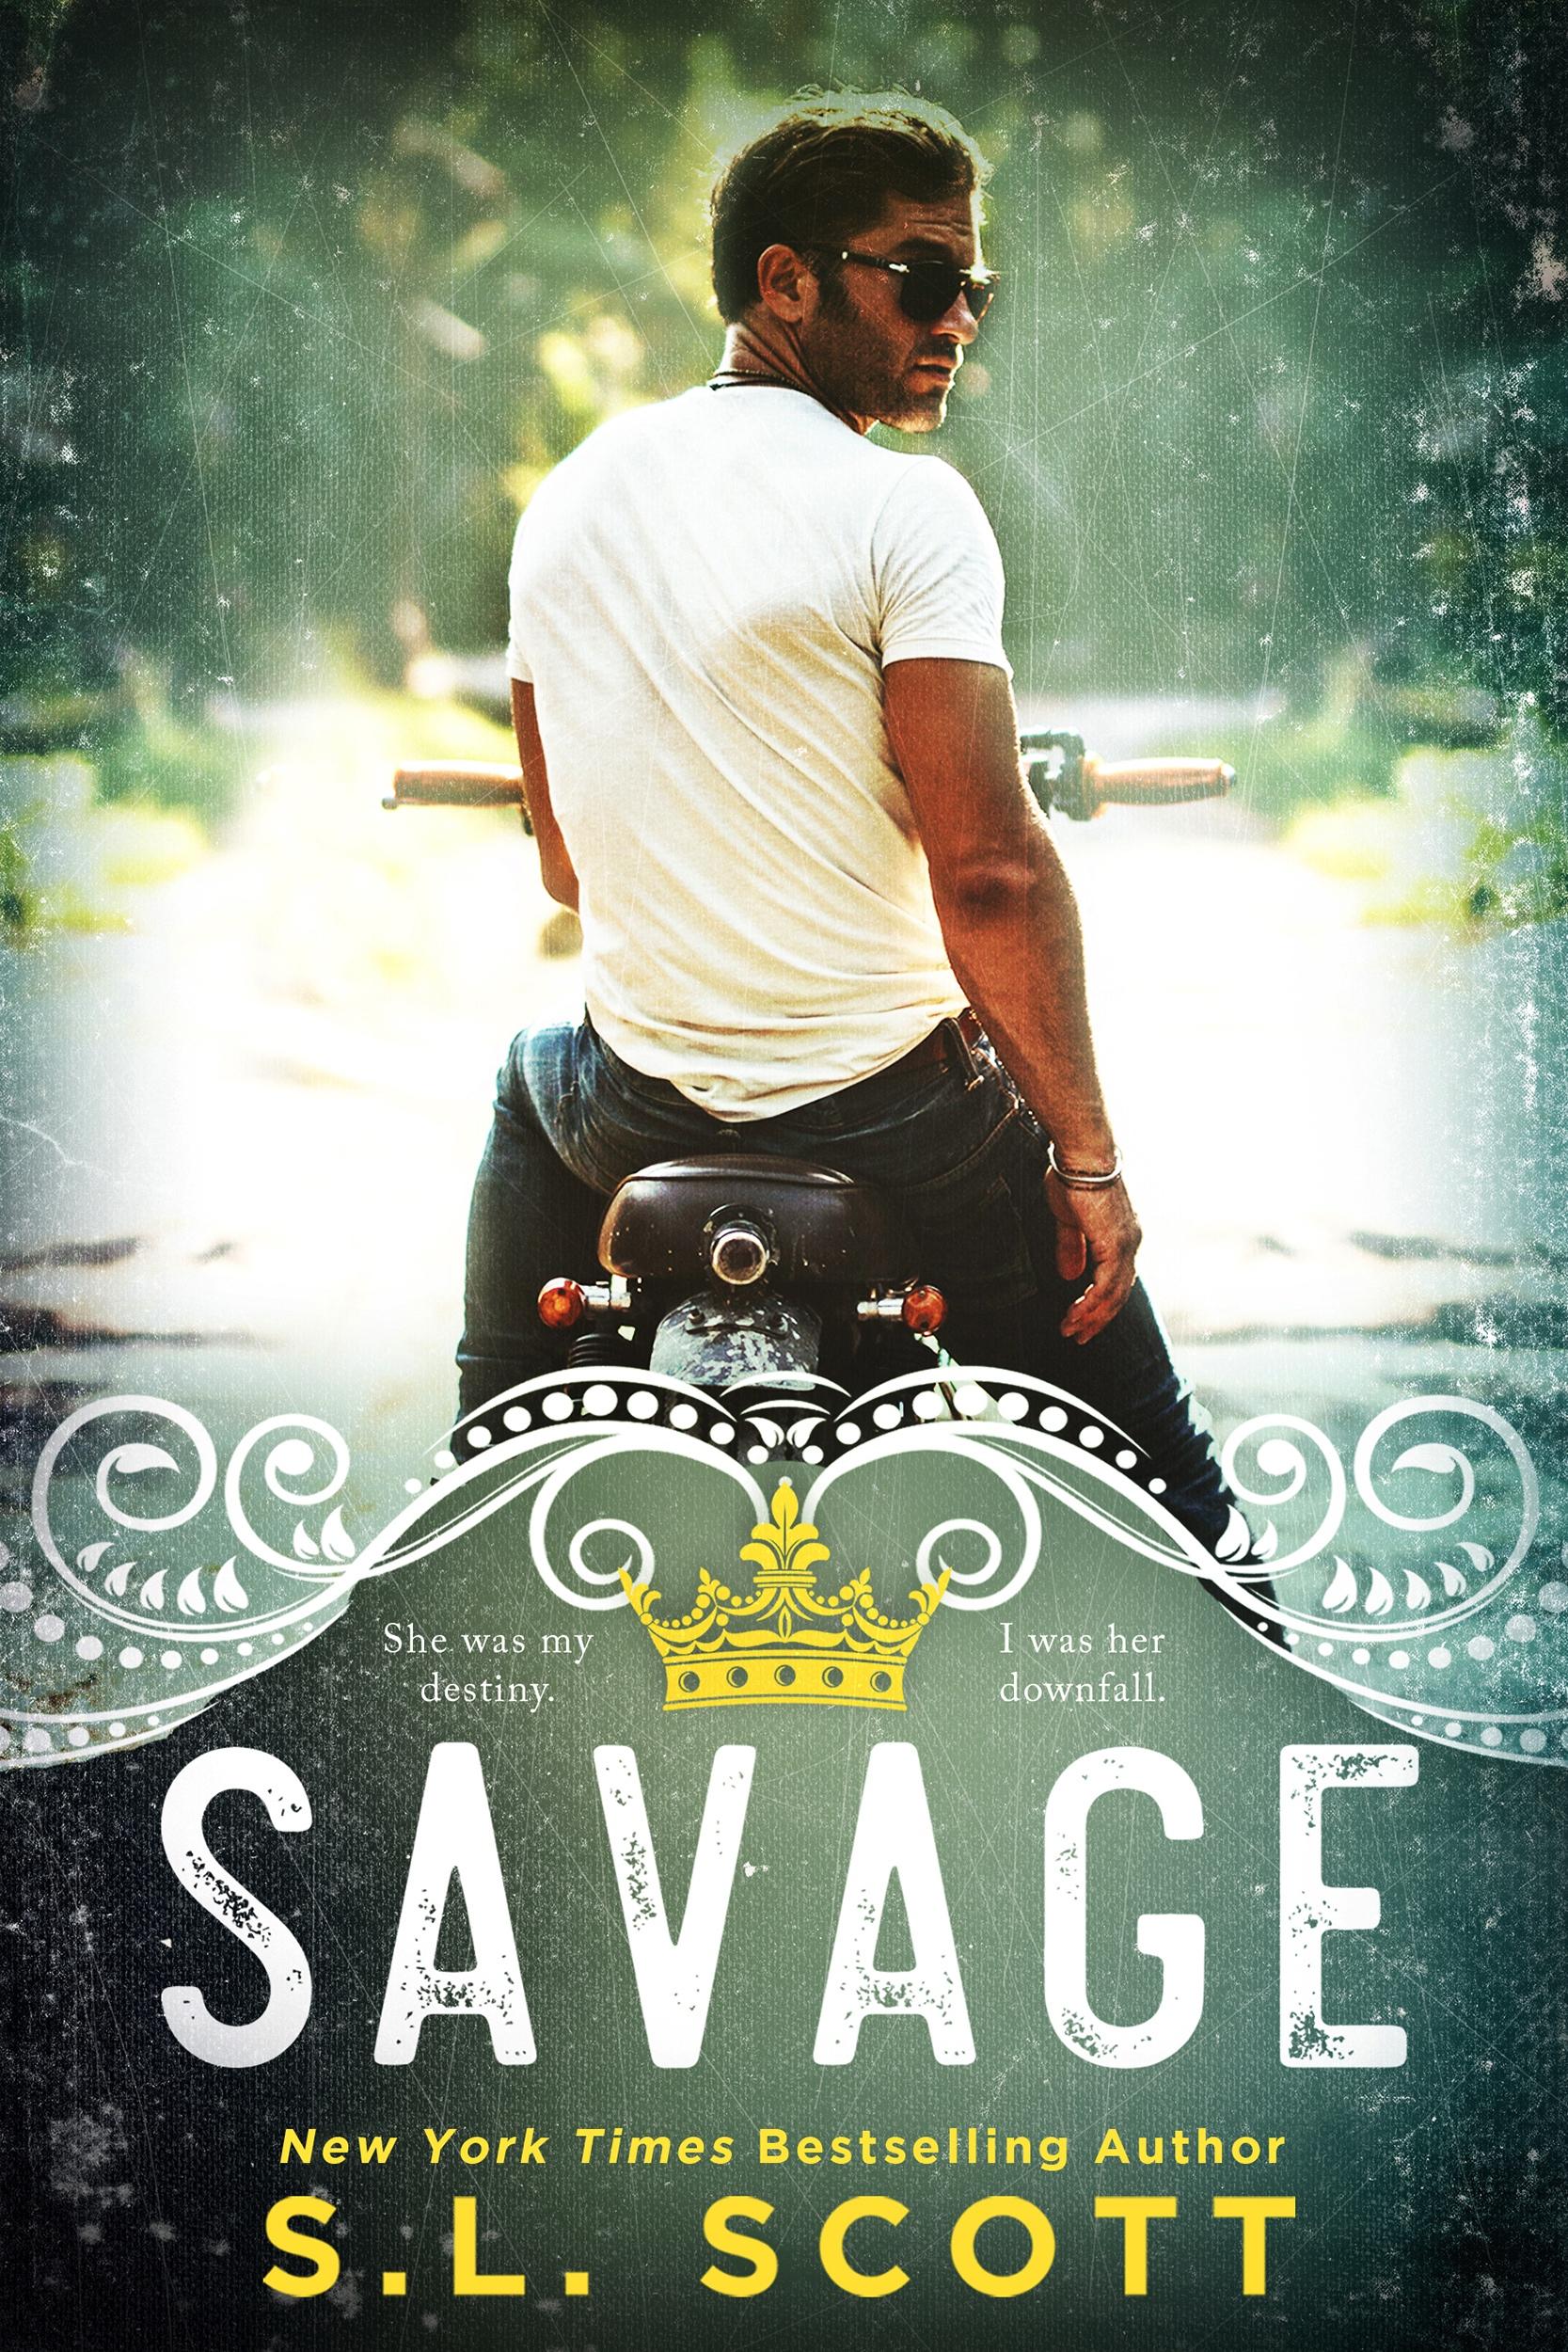 SAVAGE-Kindle.jpg